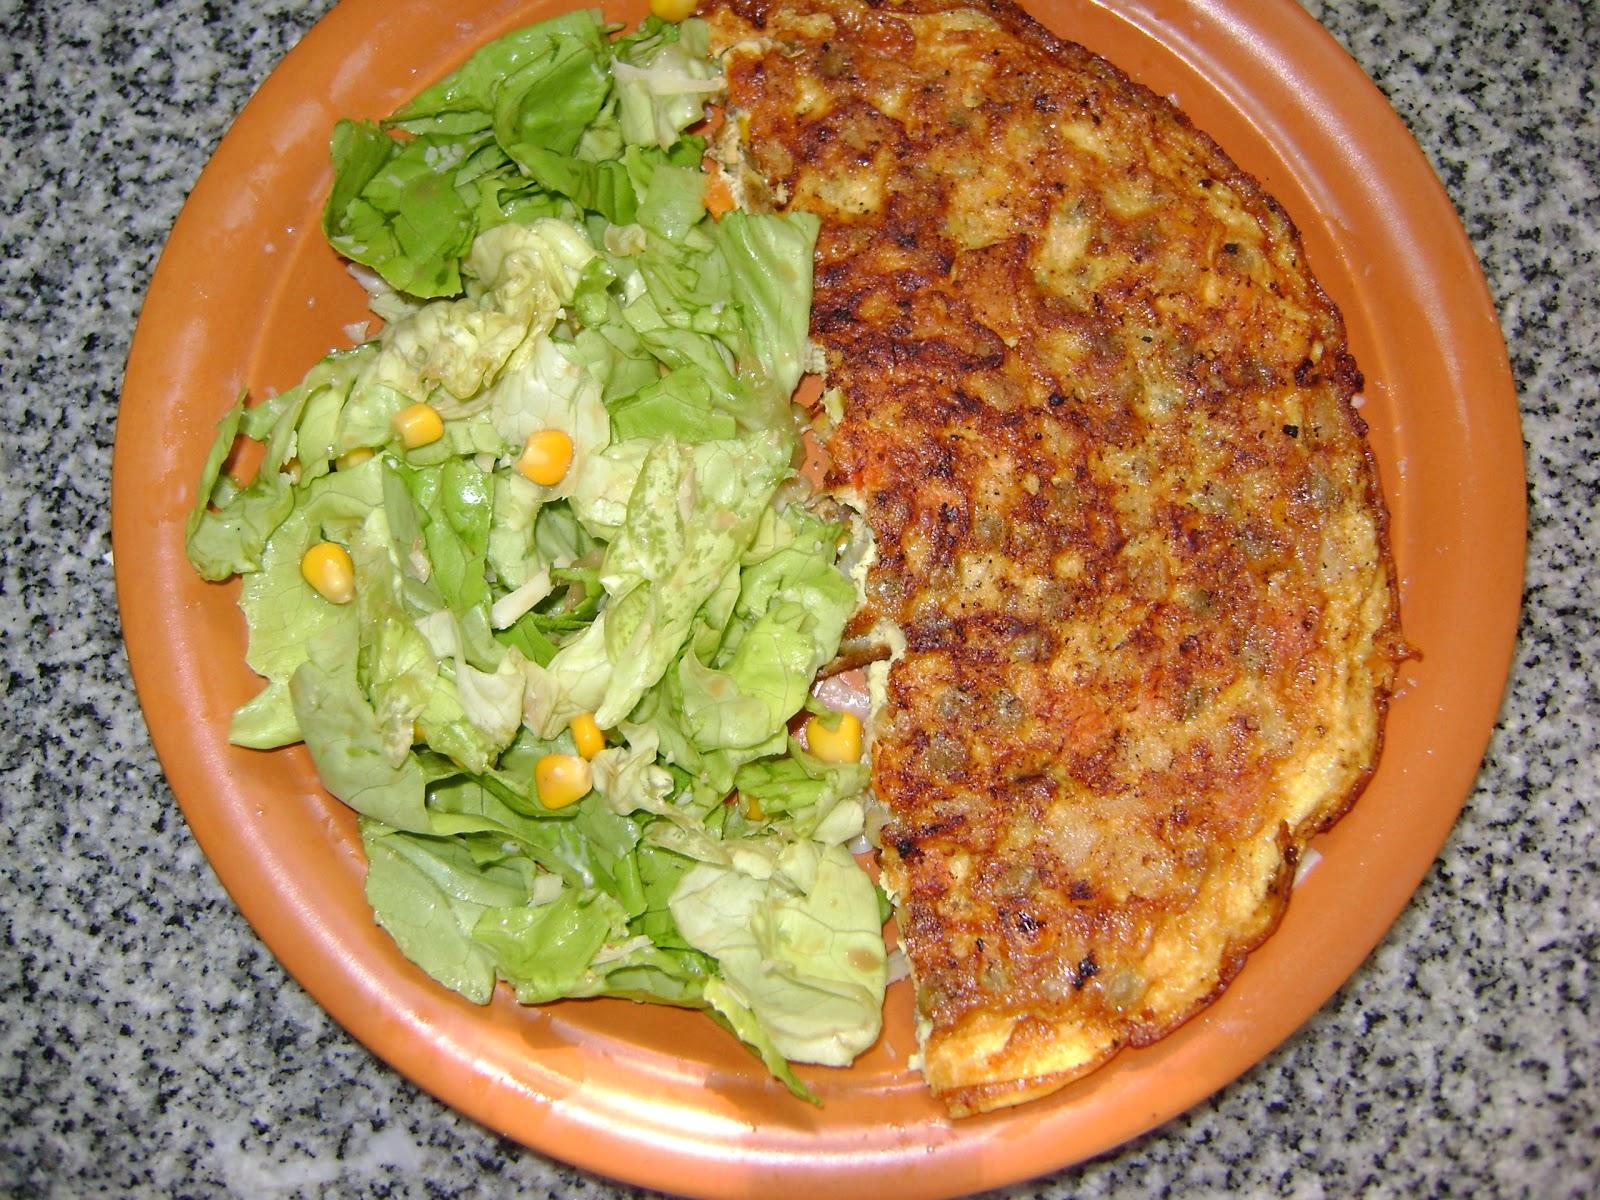 Cocina novata para novatos tortilla jardinera - Cocina para novatos ...